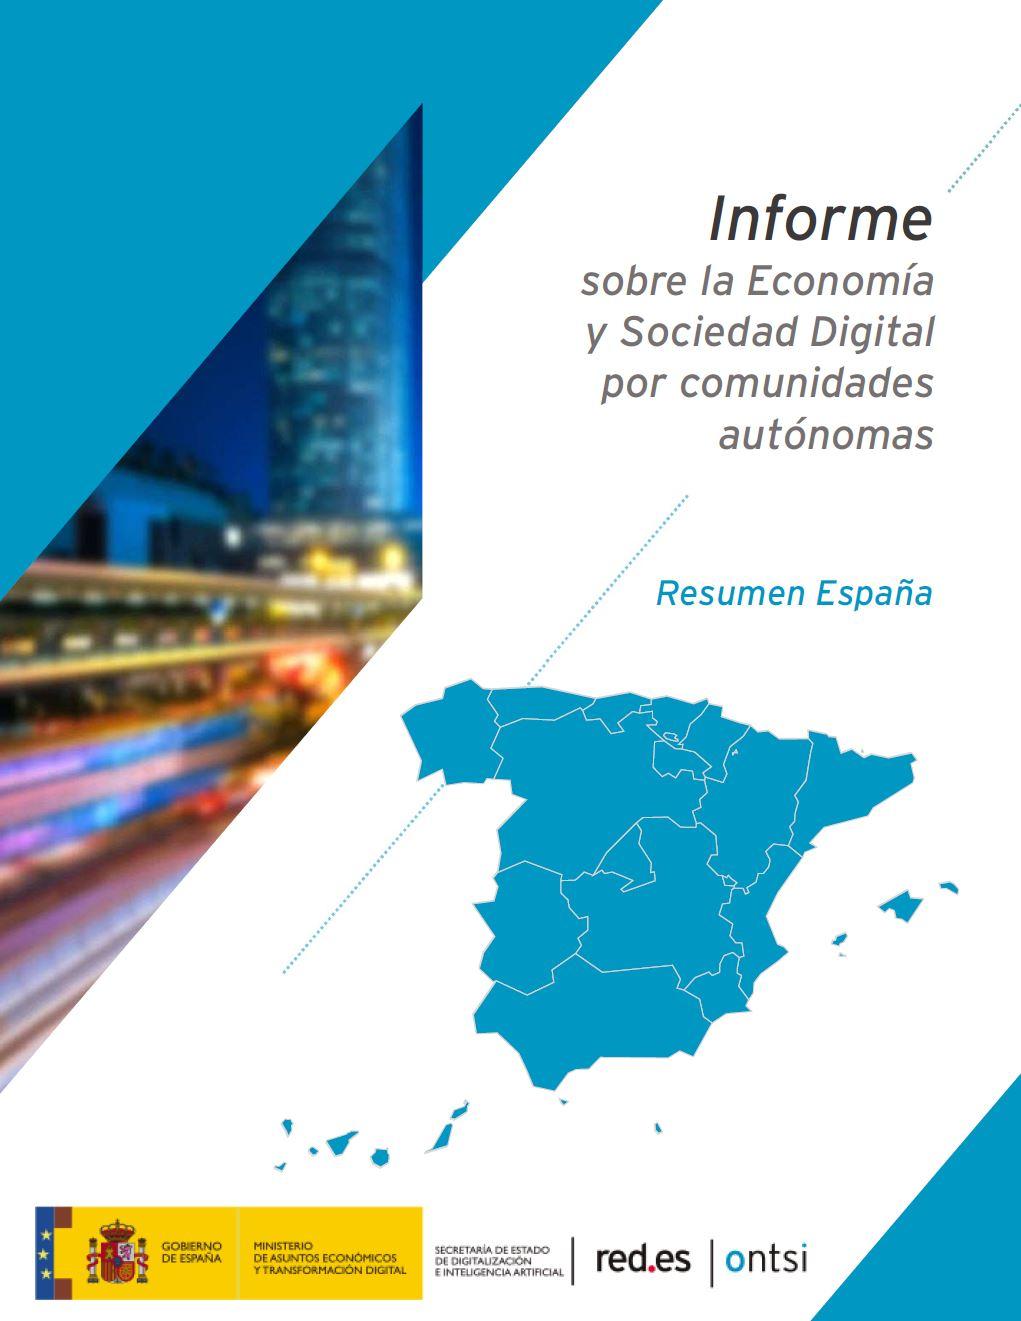 Informe sobre la economía y sociedad digital por comunidades autónomas: Comunidad Valenciana (2020)